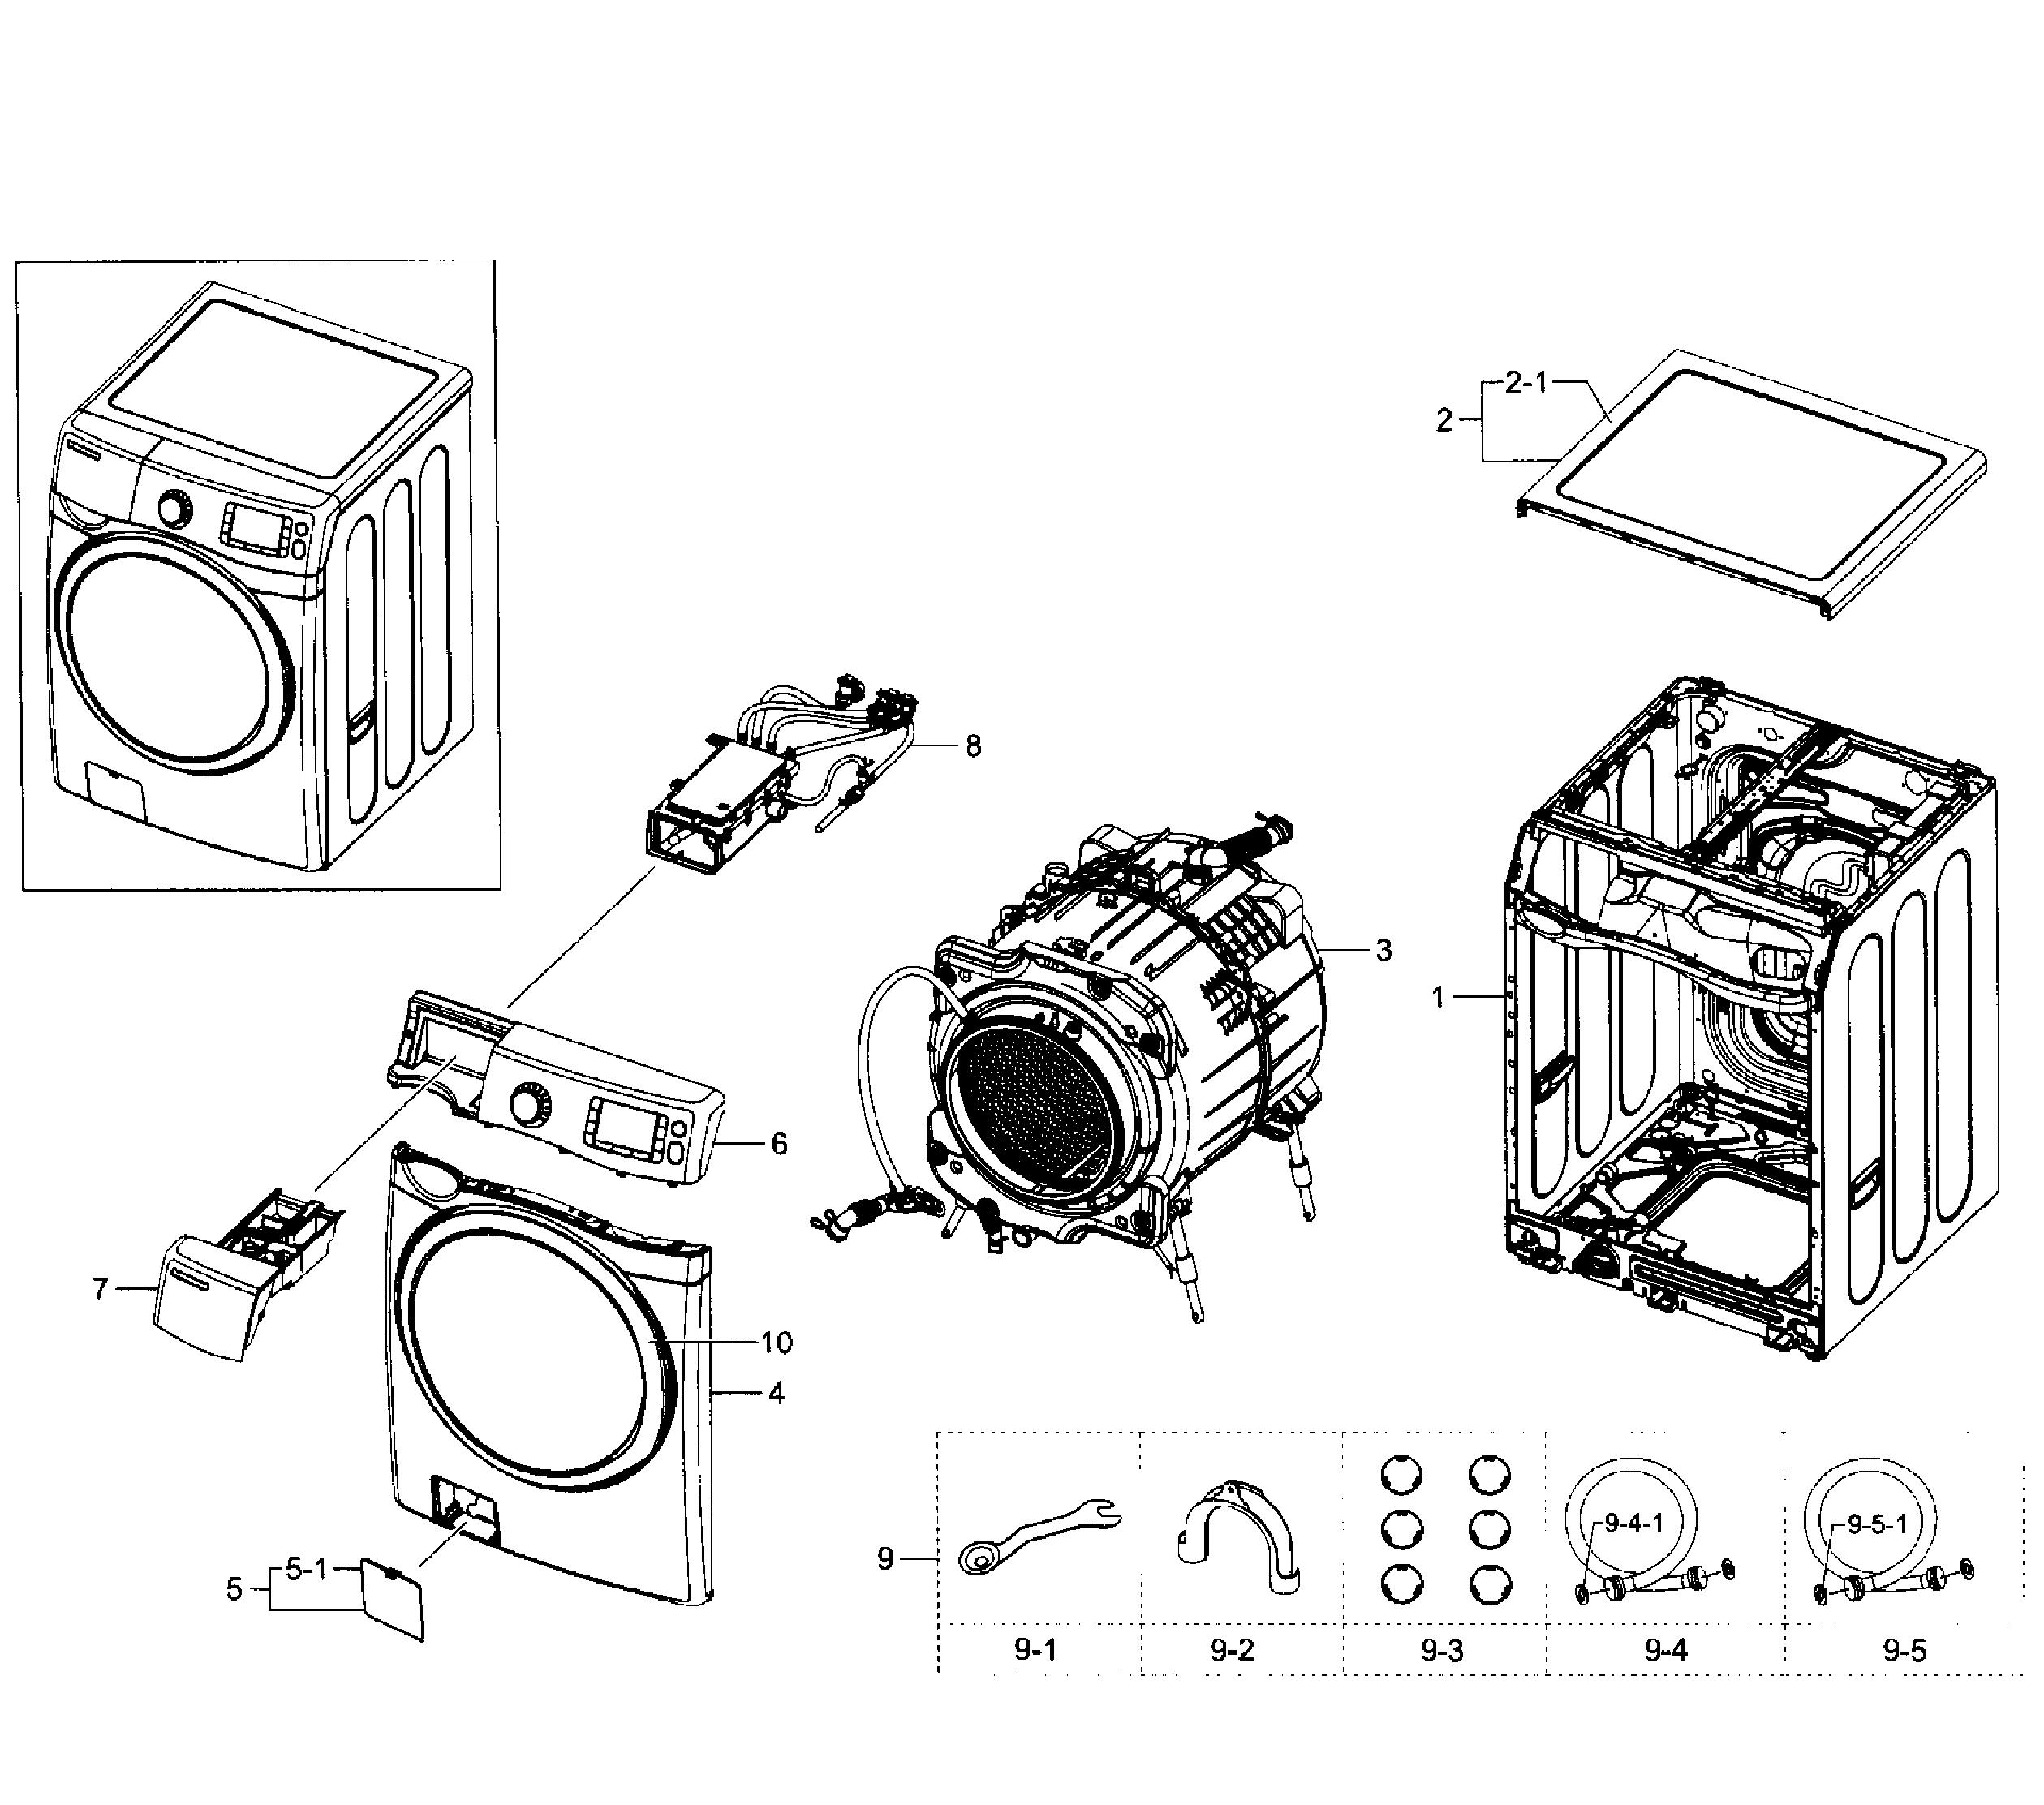 samsung washer manual wf520abp xaa 03